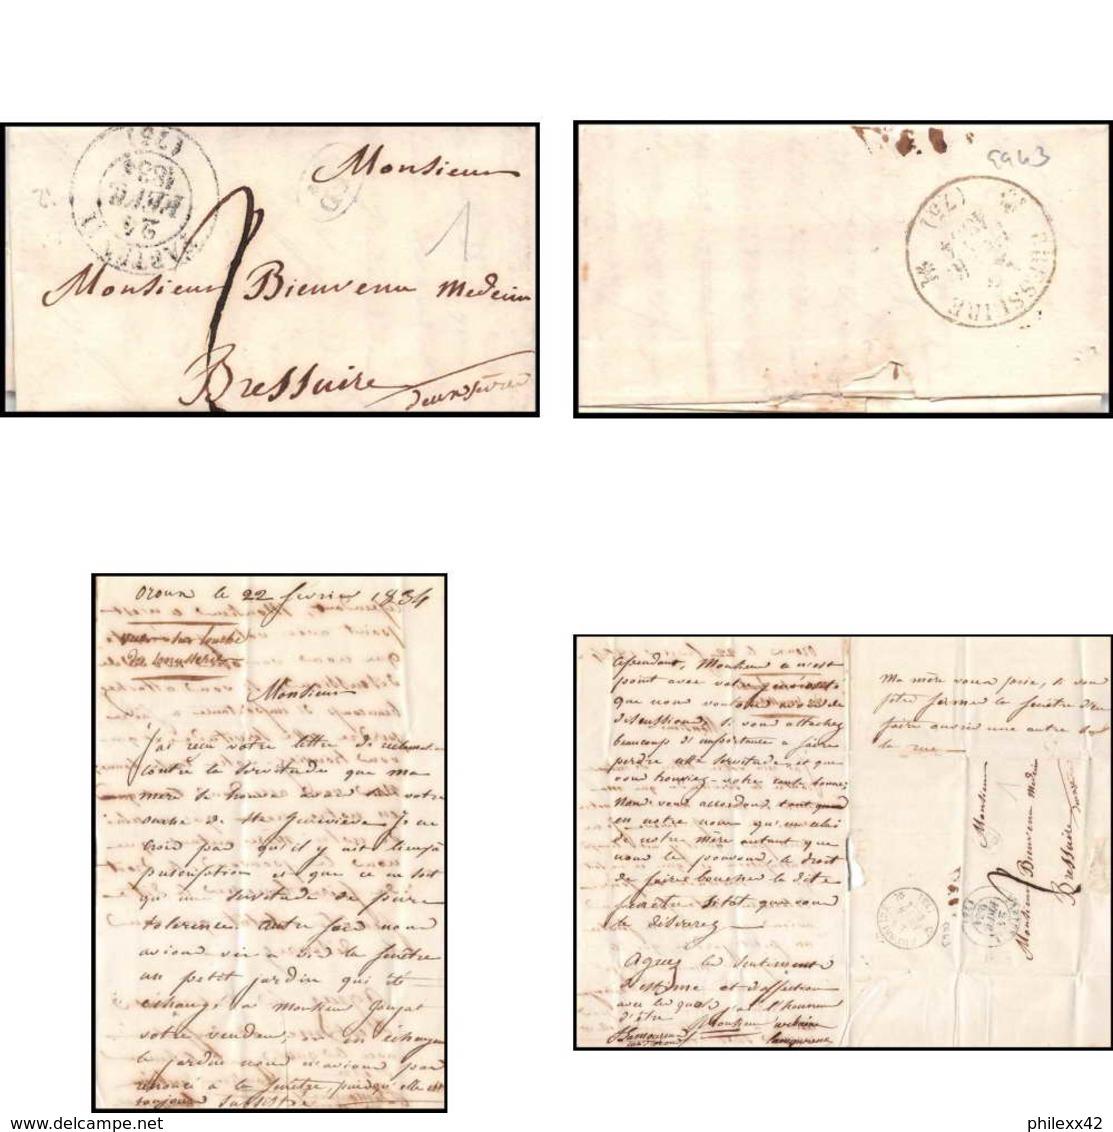 9943 Lac Oroun 1834 Pour Bressuire Deux-Sèvres Marque Postale France Lettre Cover - Marcophilie (Lettres)